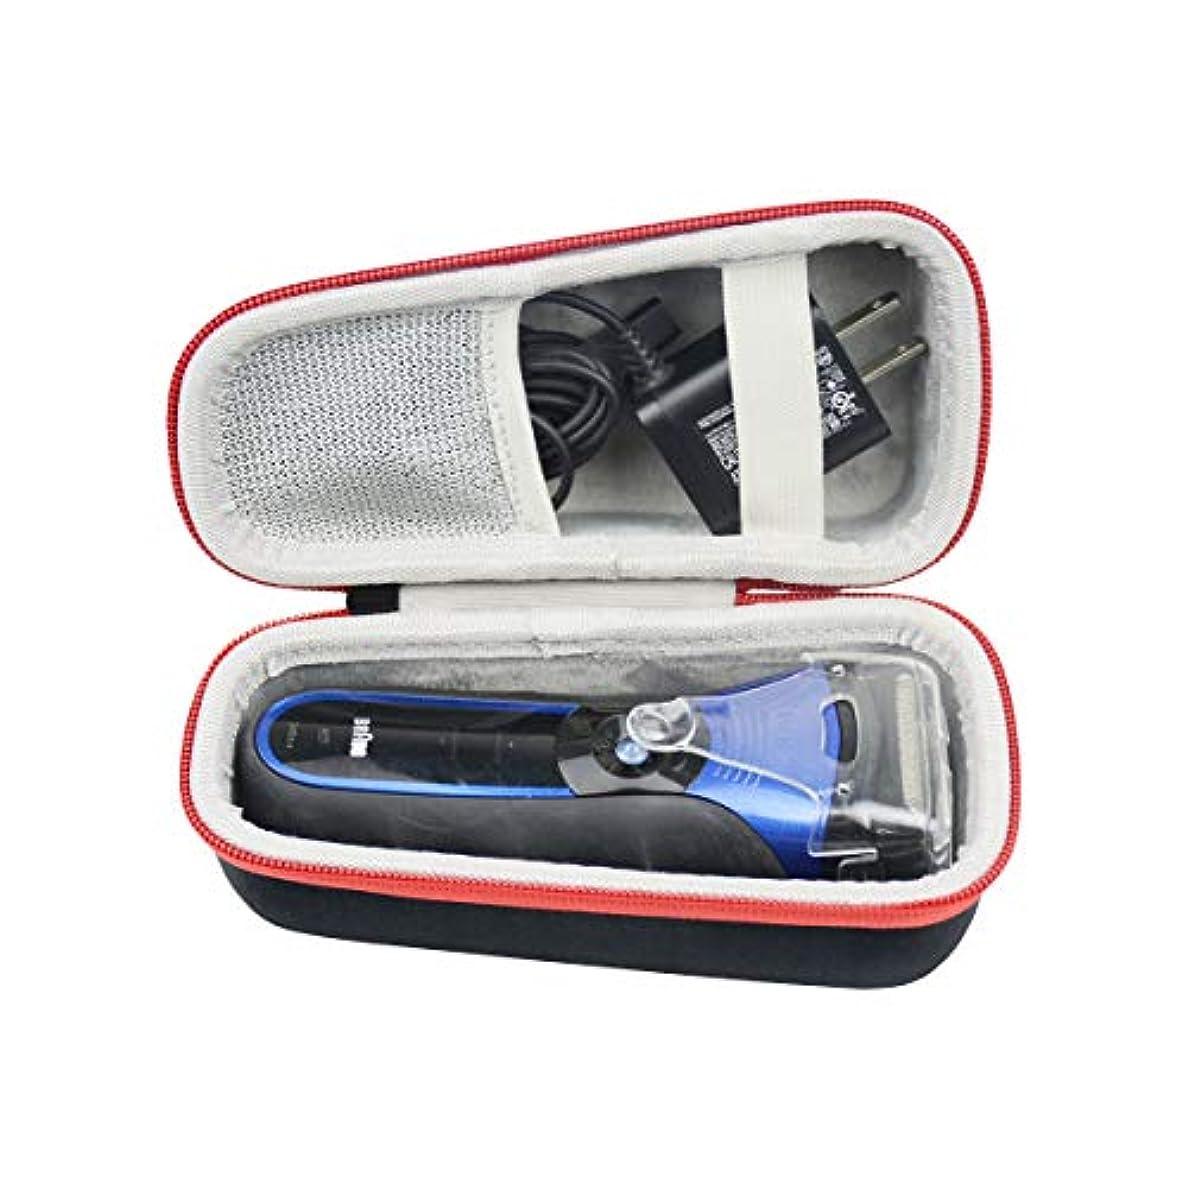 ページェント邪魔母性ブラウン Braun シリーズ3 メンズシェーバー 3010s 310s 3040s 3020s-B スーパー便利な ハードケースバッグ 専用旅行収納 対応 SANVSEN